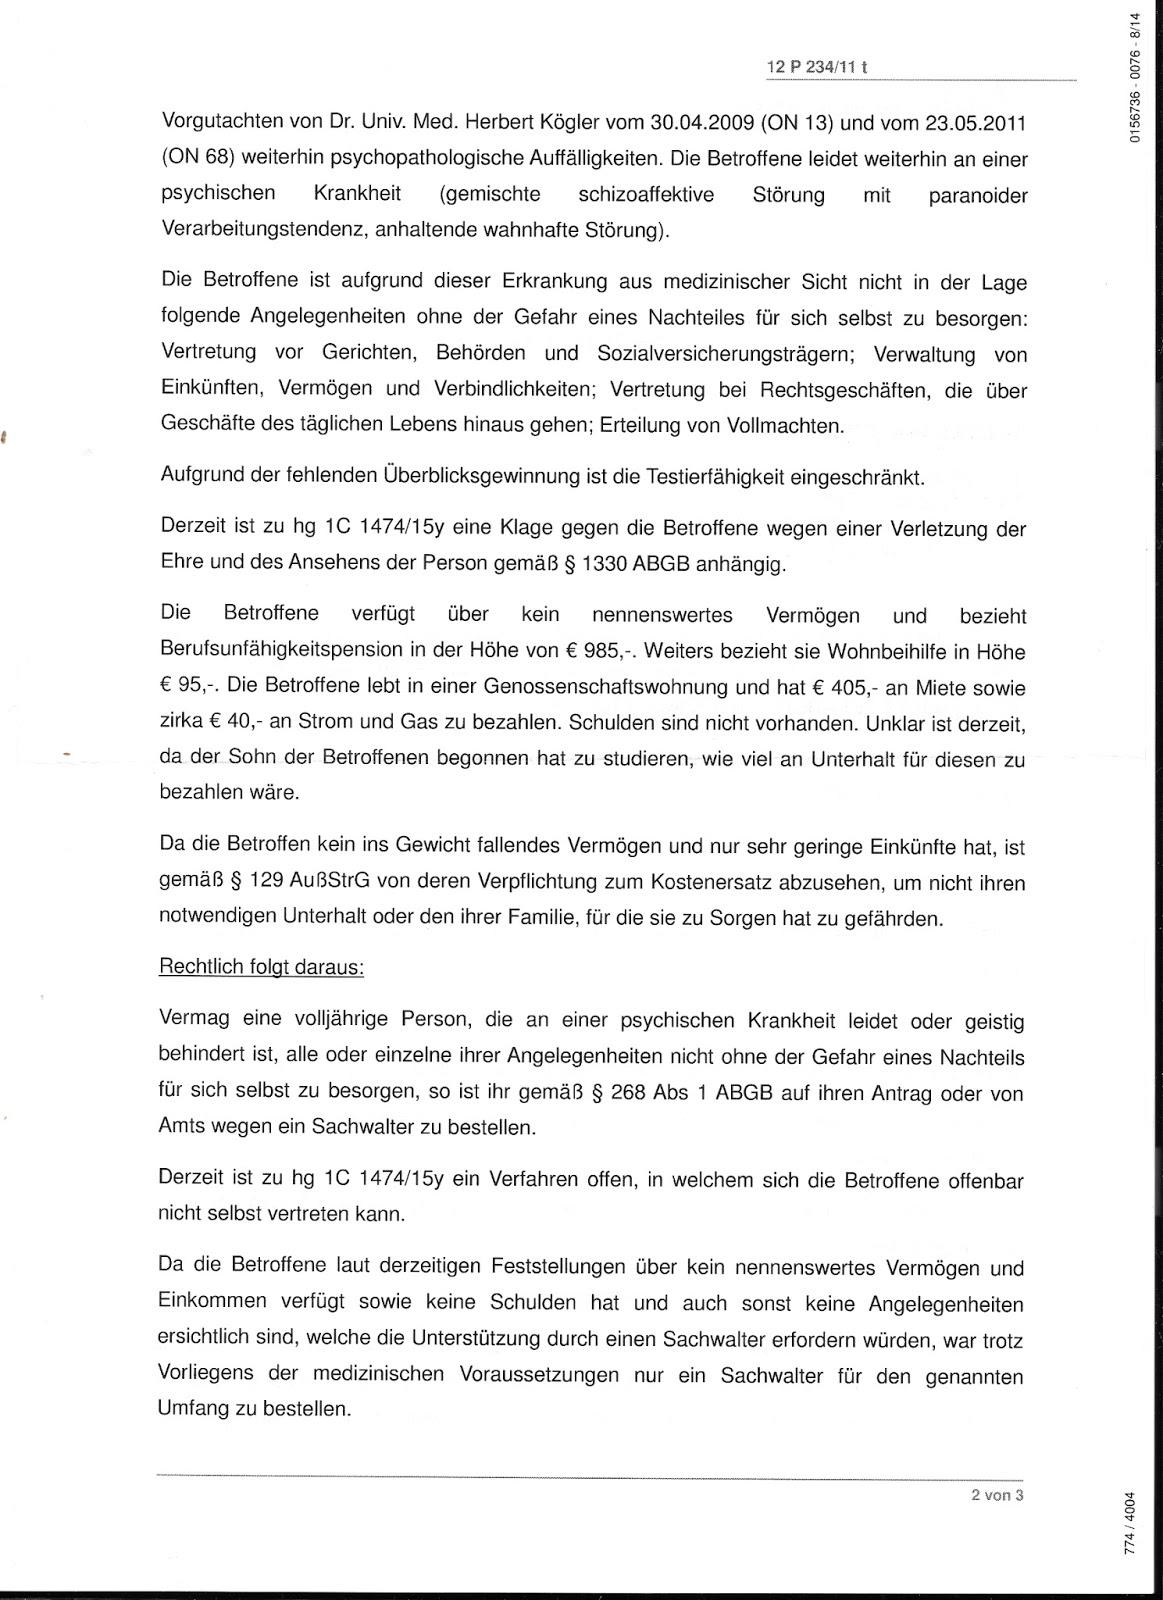 Chronologie einer ENTMÜNDIGUNG : 2016 Mündels Bilanz aus ...